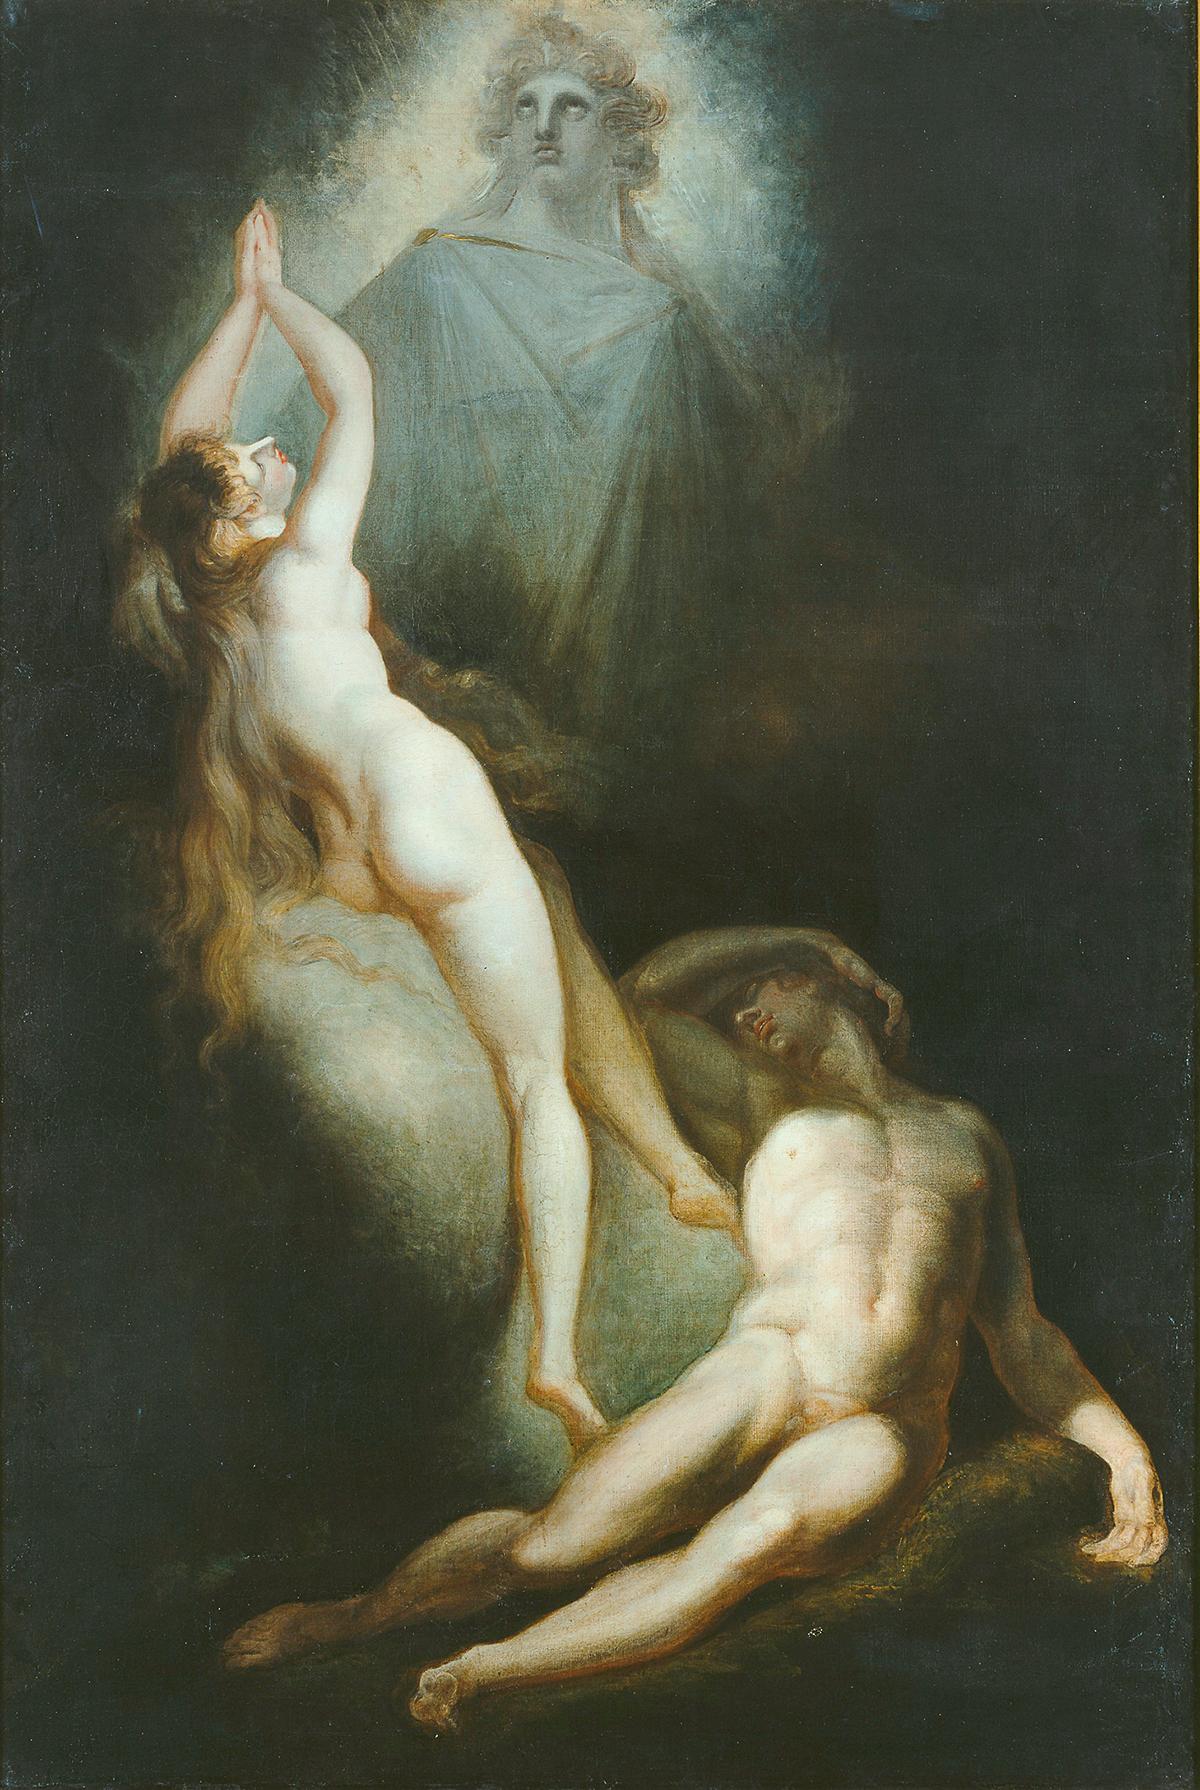 Johann Heinrich Füssli, Die Erschaffung Evas, 1791–1793